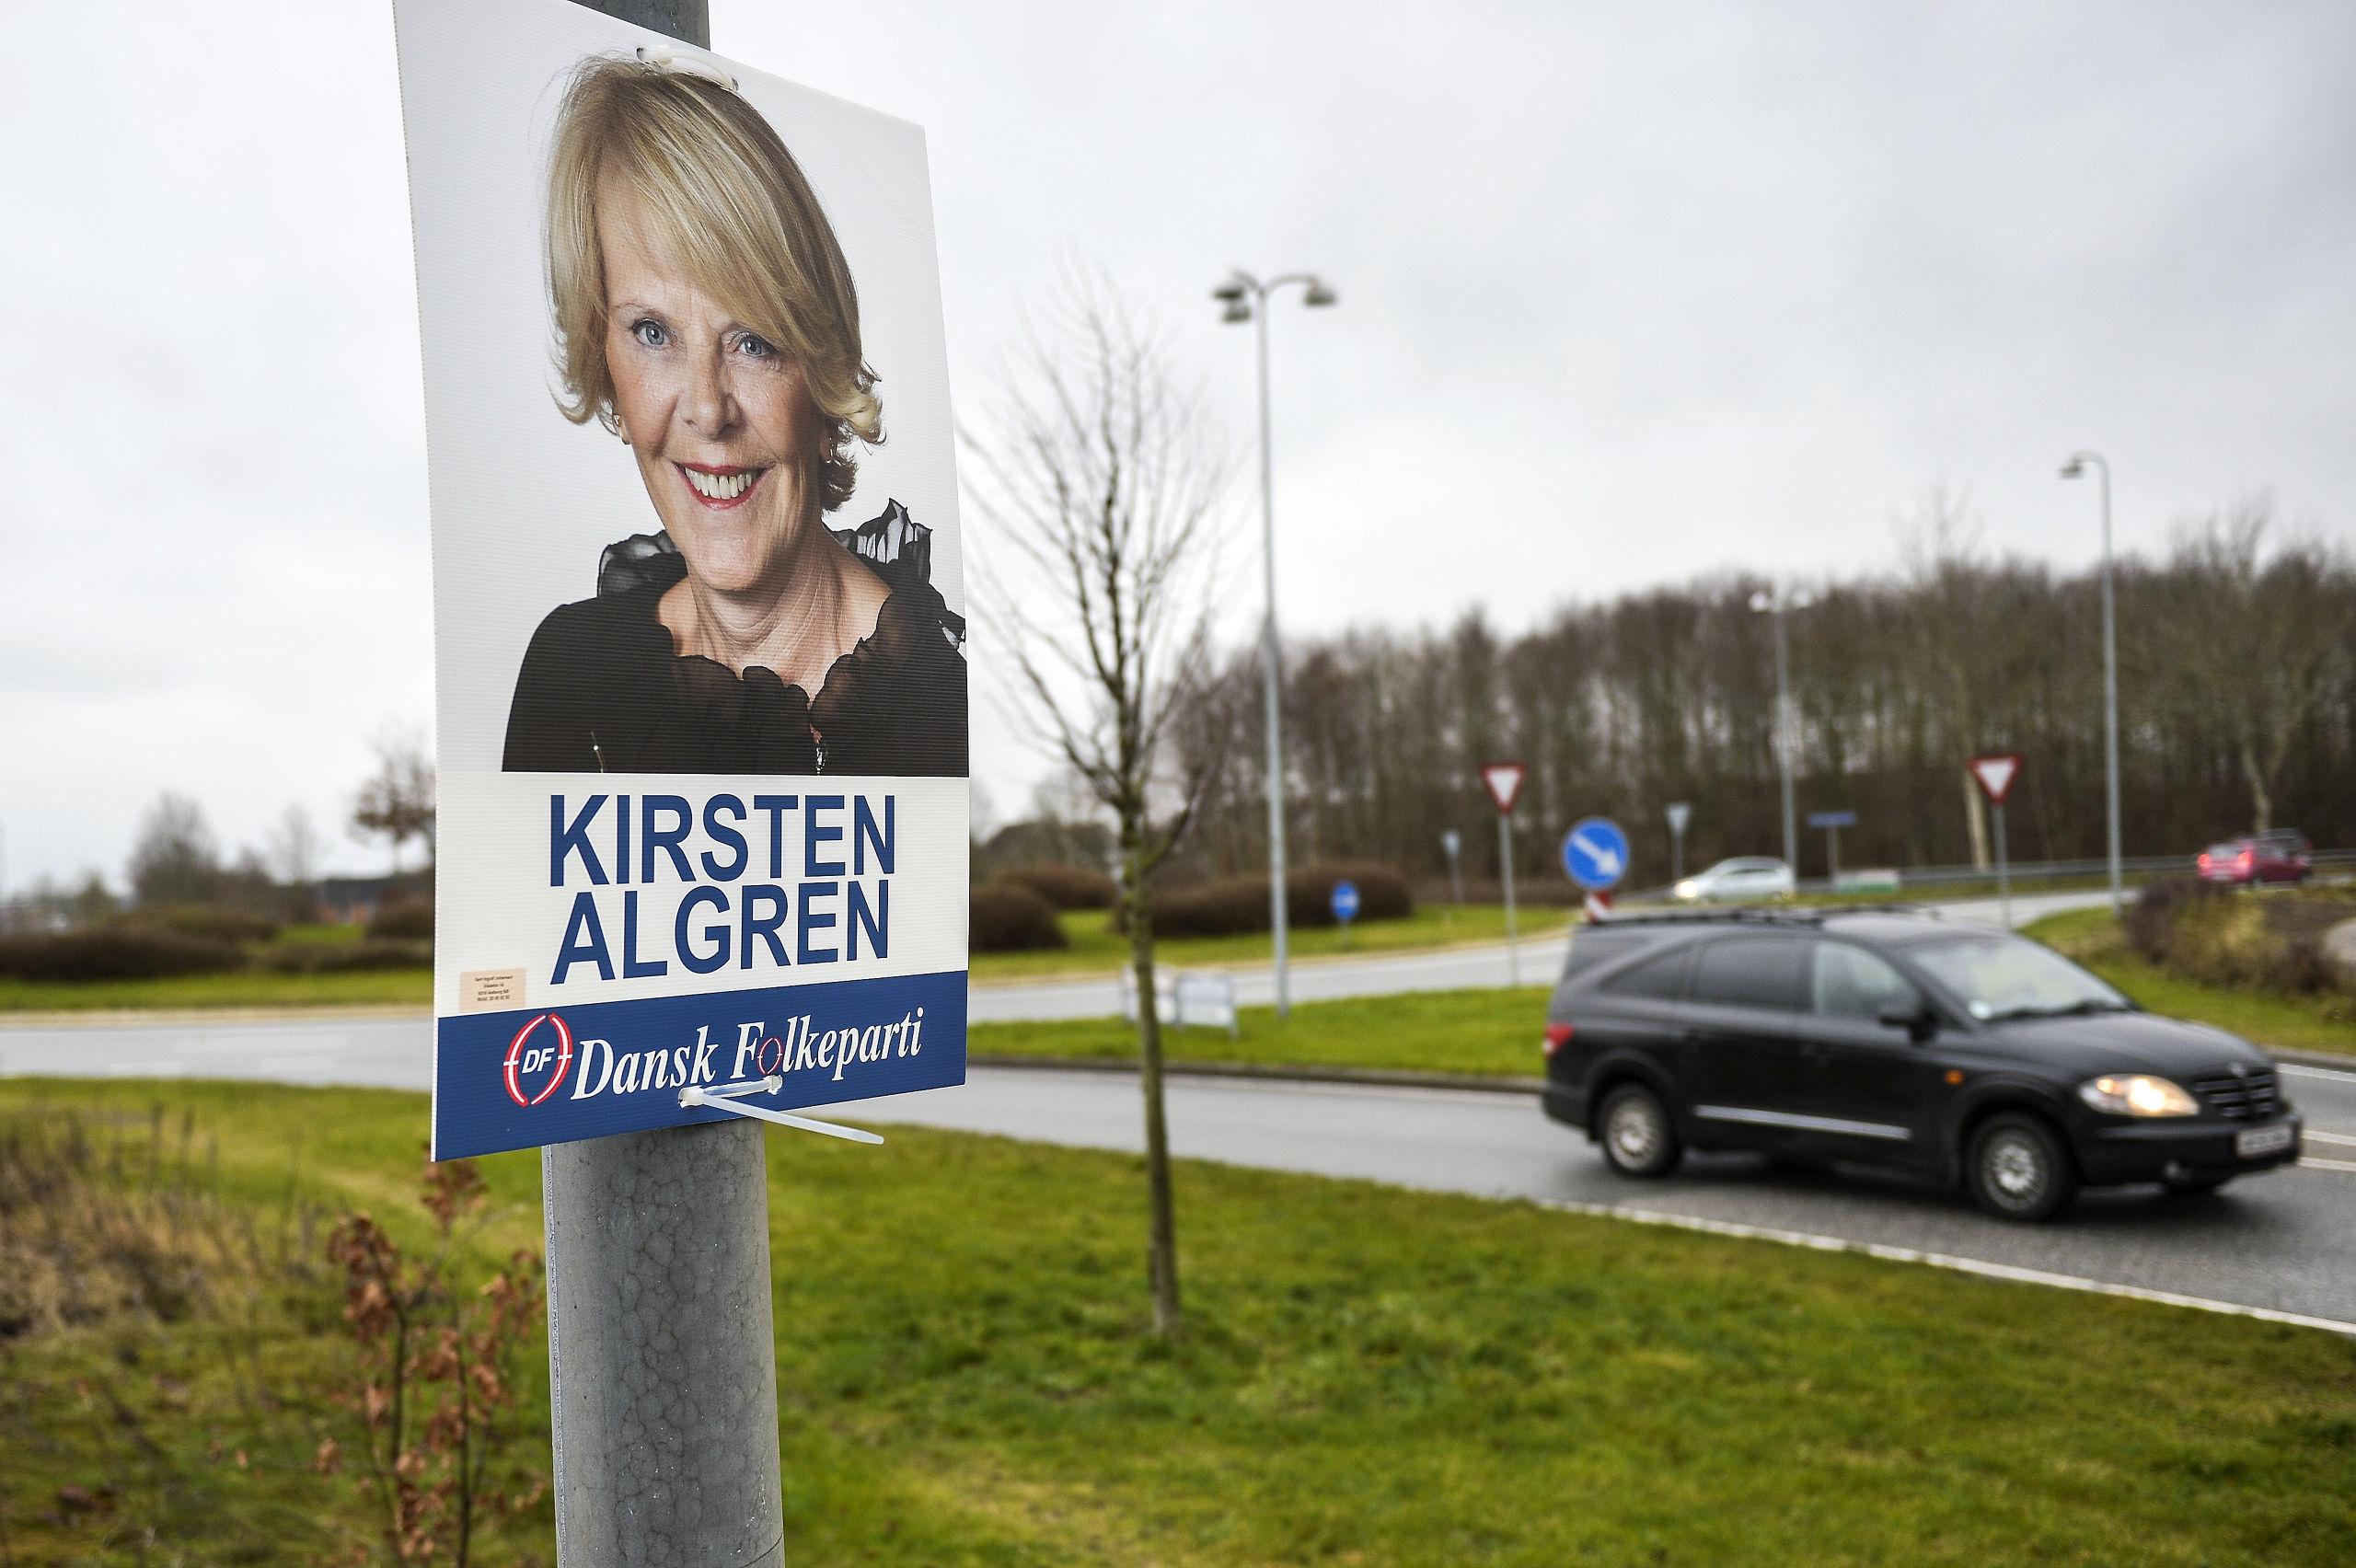 nyt dansk parti politiaktion aalborg